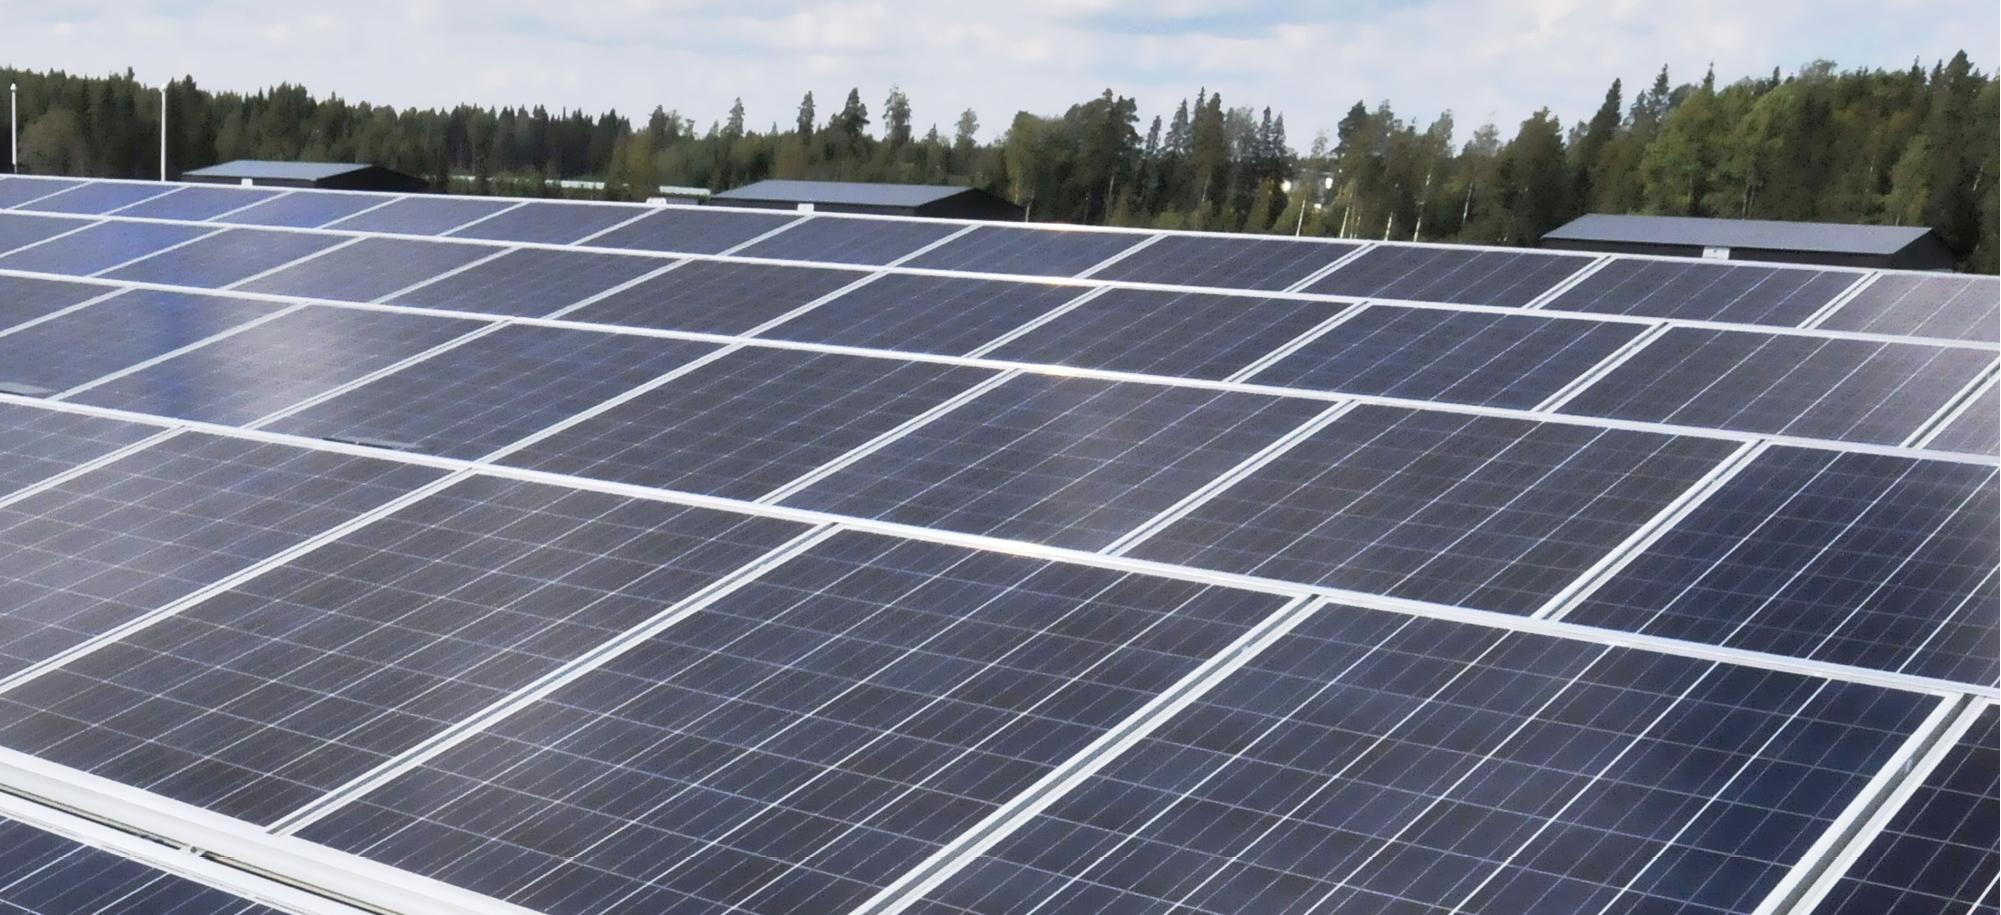 Aurinkosähkön tuotanto lisääntyy vauhdilla. Muutamat pienemmät kunnat kokeilevat leasing-mallia kiinteistökohtaisessa aurinkosähkön tuotannossa.